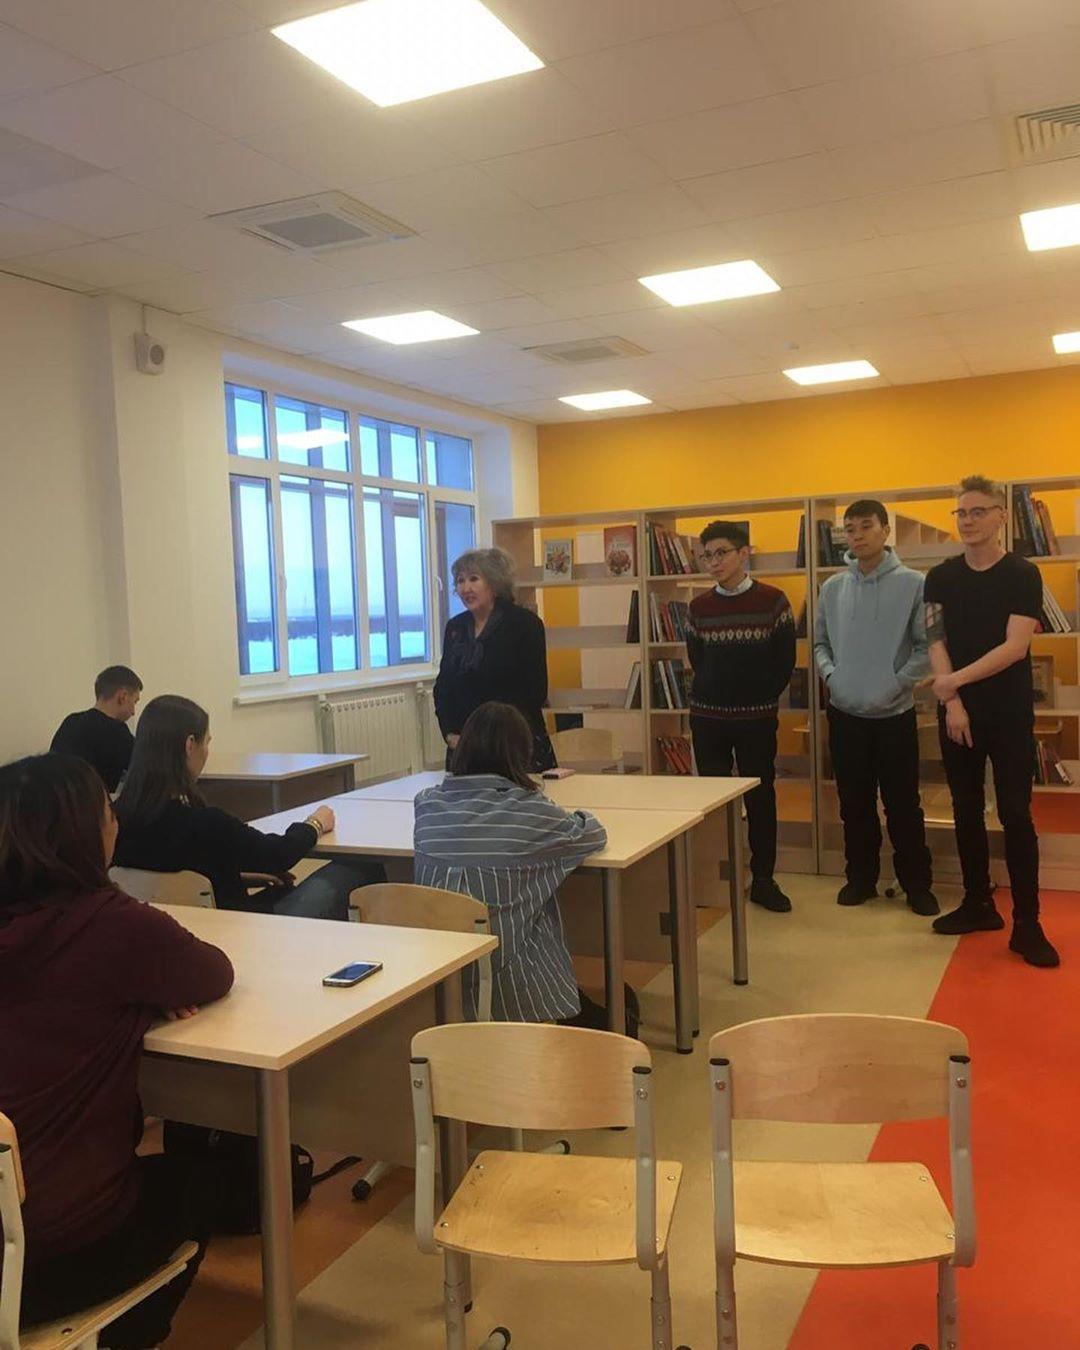 20 ноября, во Всероссийский день правовой помощи детям, 10а посетил смарт-библиотеку, где прошла встреча со студентами ЮФ СВФУ. Студенты провели беседу, общались с ребятами, провели викторину. Затем была экскурсия по библиотеке.  Ребята с удовольствием записались в новую библиотеку.